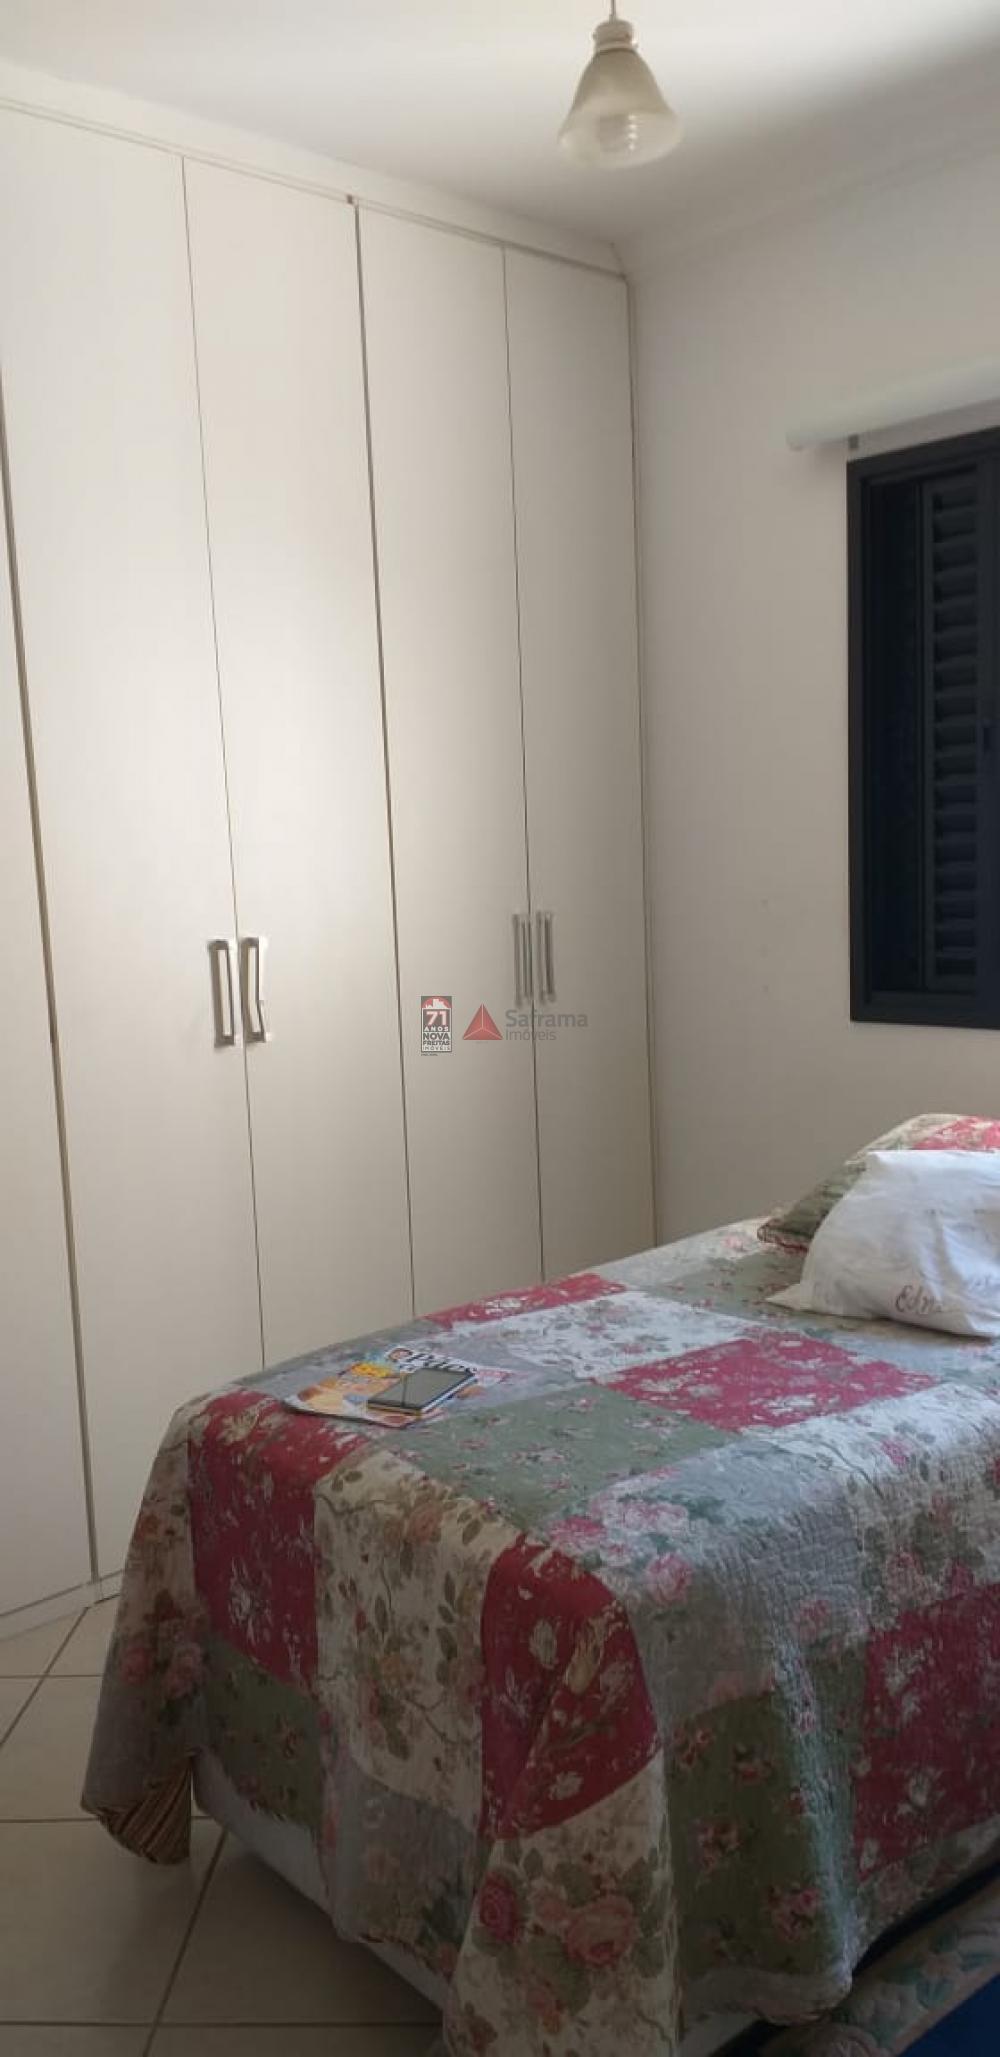 Comprar Apartamento / Padrão em São José dos Campos R$ 765.000,00 - Foto 16